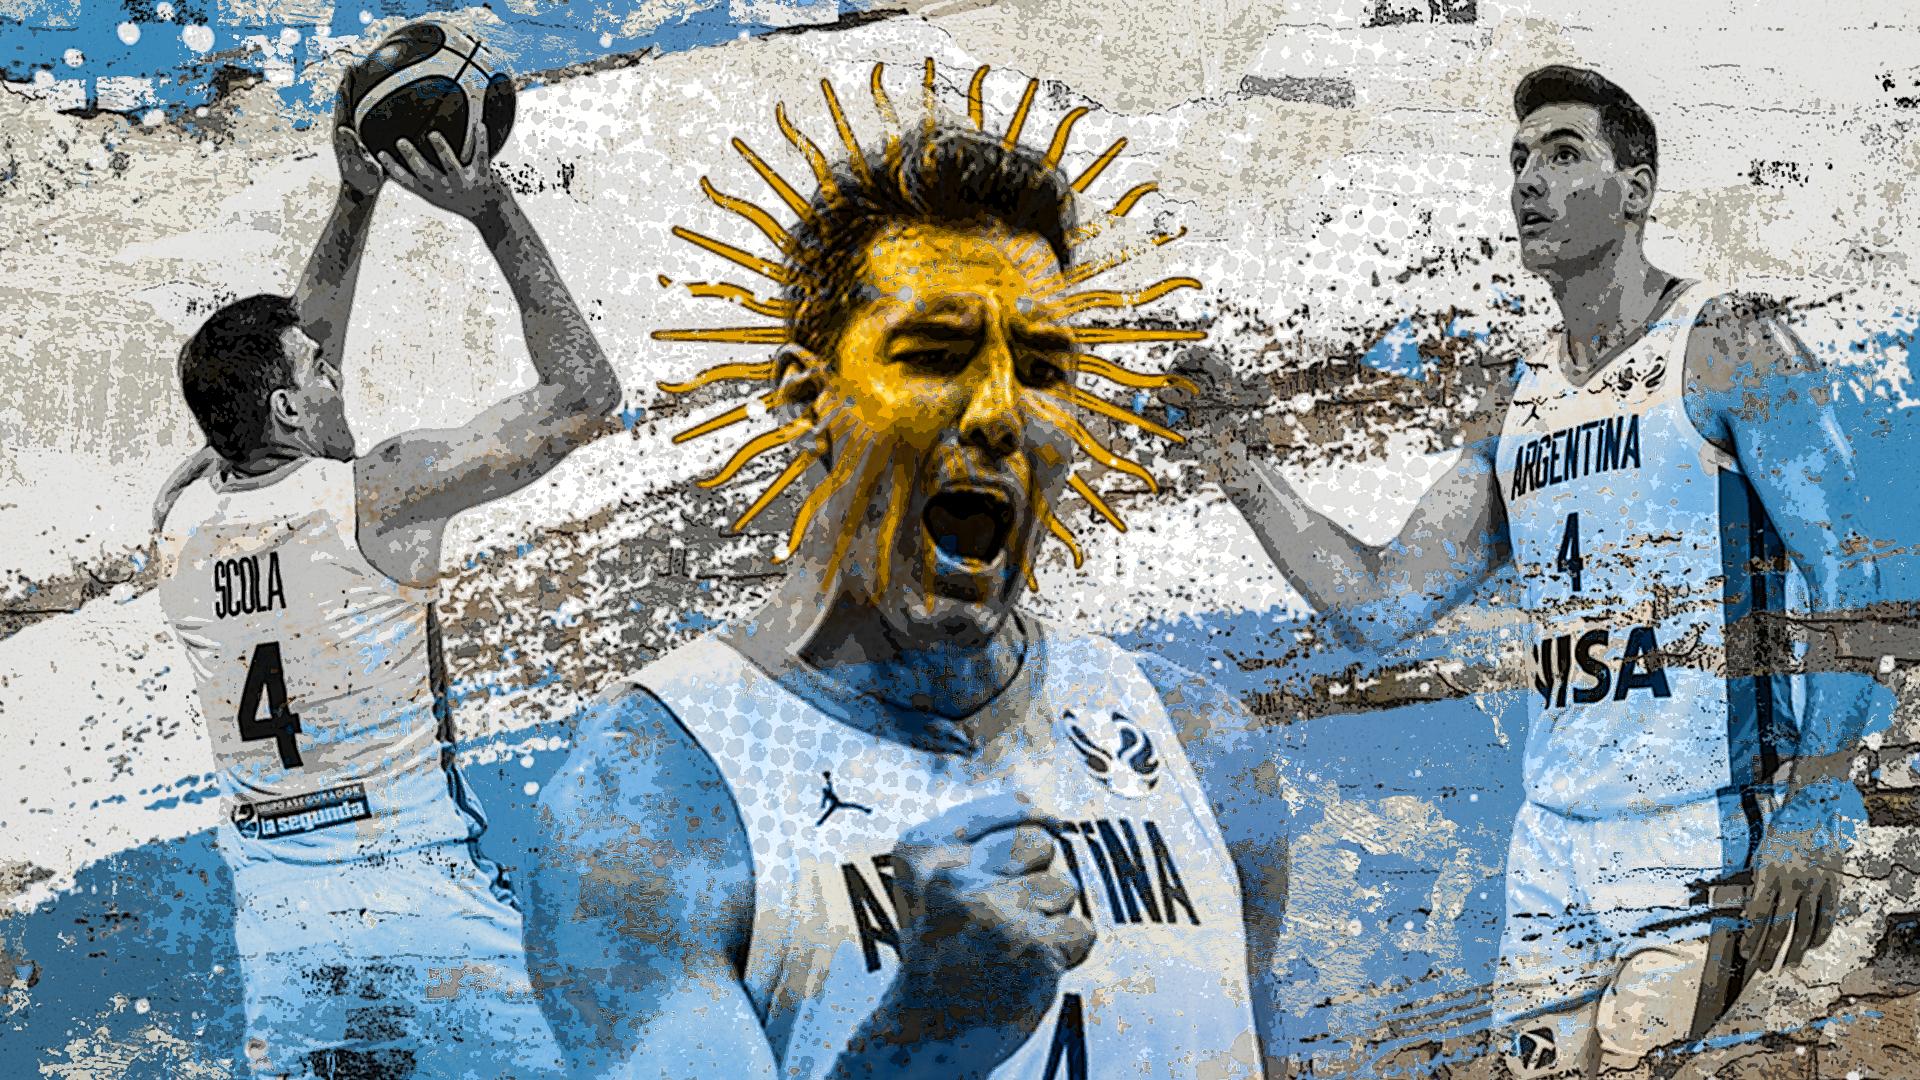 """Da li će Skolina """"antiejdž"""" košarka dobiti pozlatu? Srbi su ga sprečili pre 17 godina, sad je vreme!"""